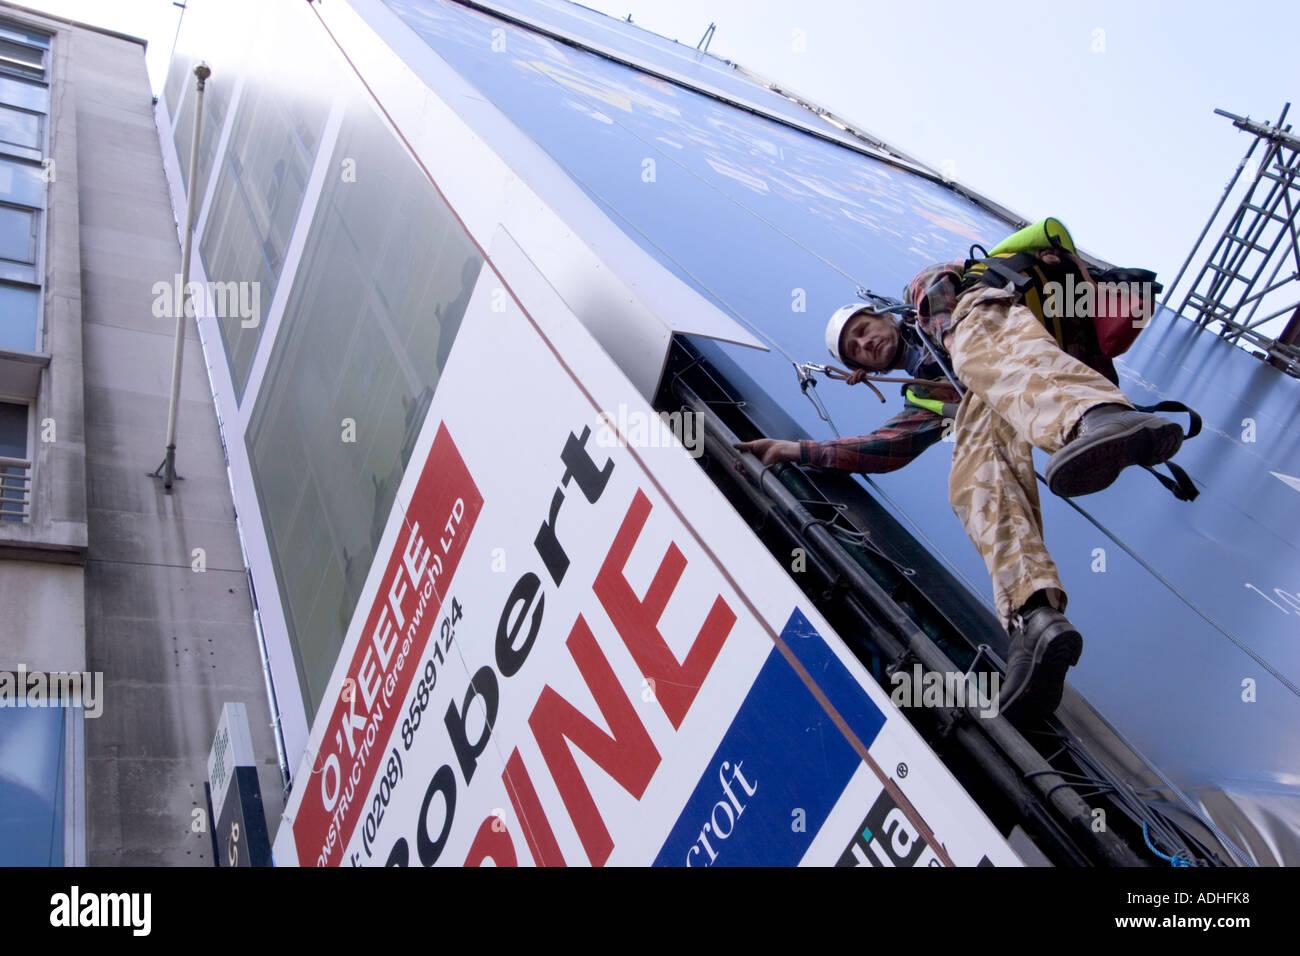 Gefährliche Berufe Ratte angeseilt Zugang Techniker Abseiler auf Werbung Horten Oxford street Stockbild